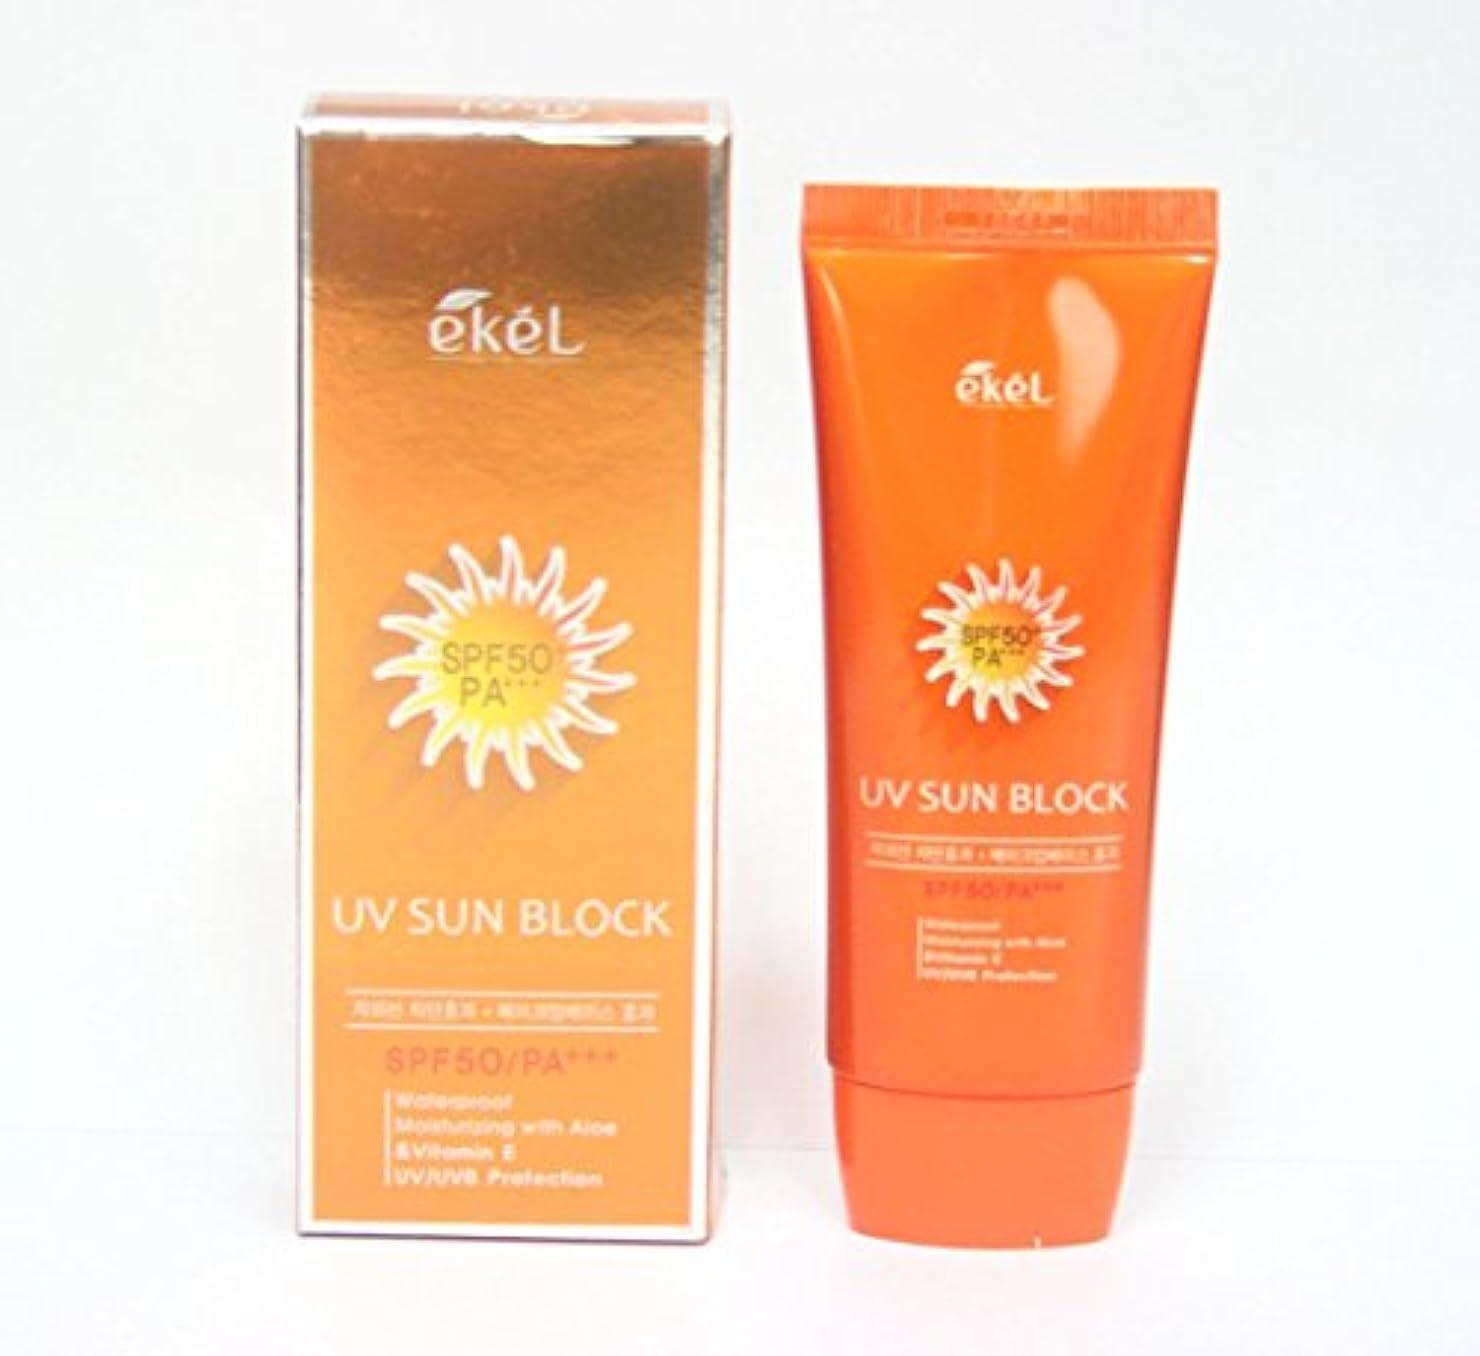 奴隷優れましたペダル[EKEL] アロエ&ビタミンE日焼け止めクリームSPF50 PA+++70ml / Aloe & Vitamin E Sun Block Cream SPF50 PA+++ 70ml / UVプロテクション / メイクアップベース...